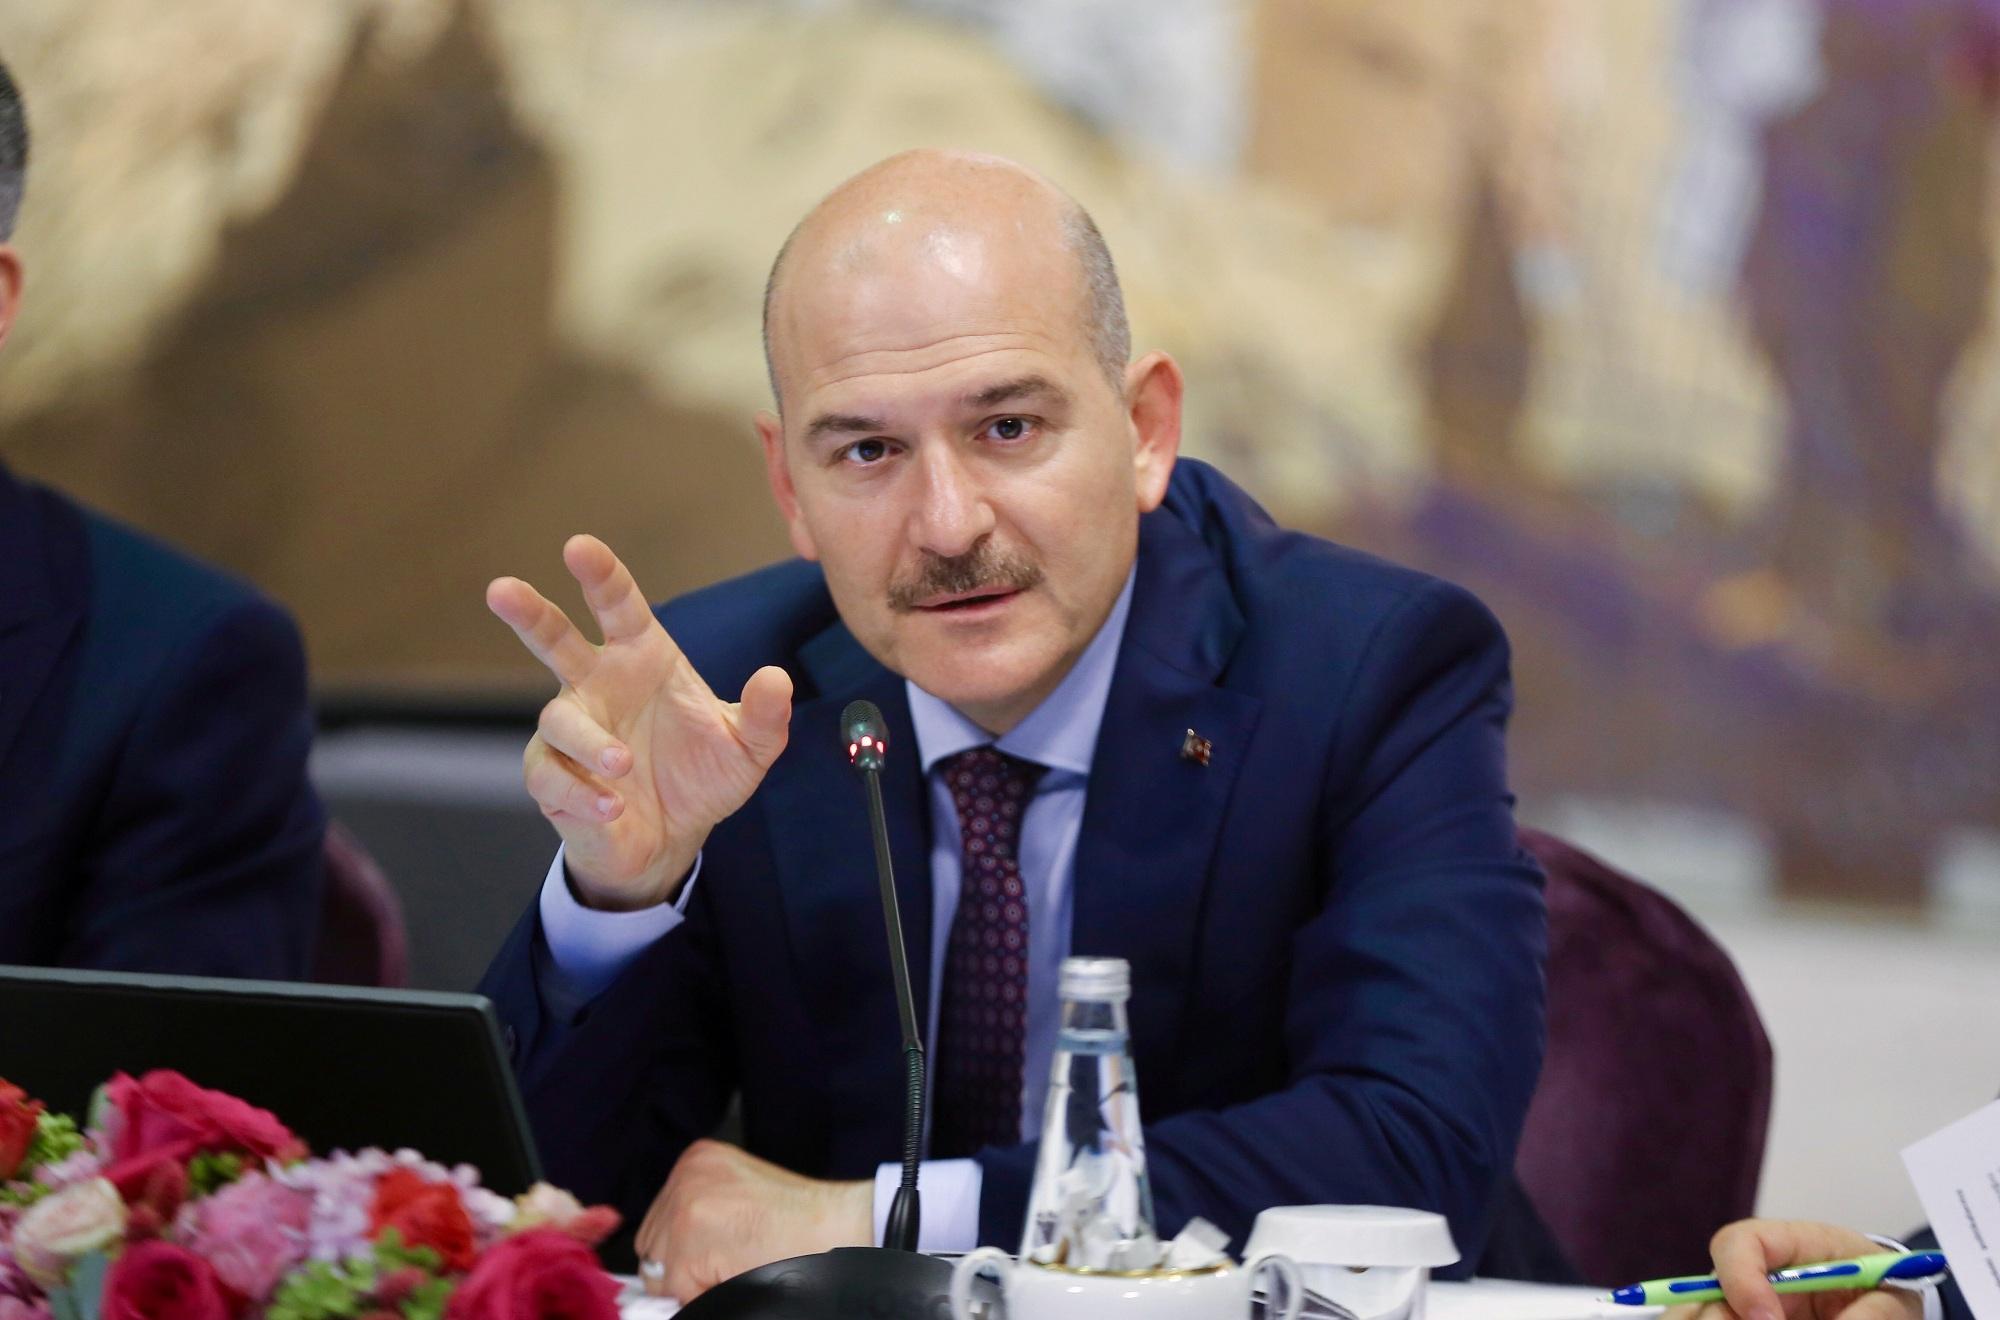 سليمان صويلو وزير الداخلية